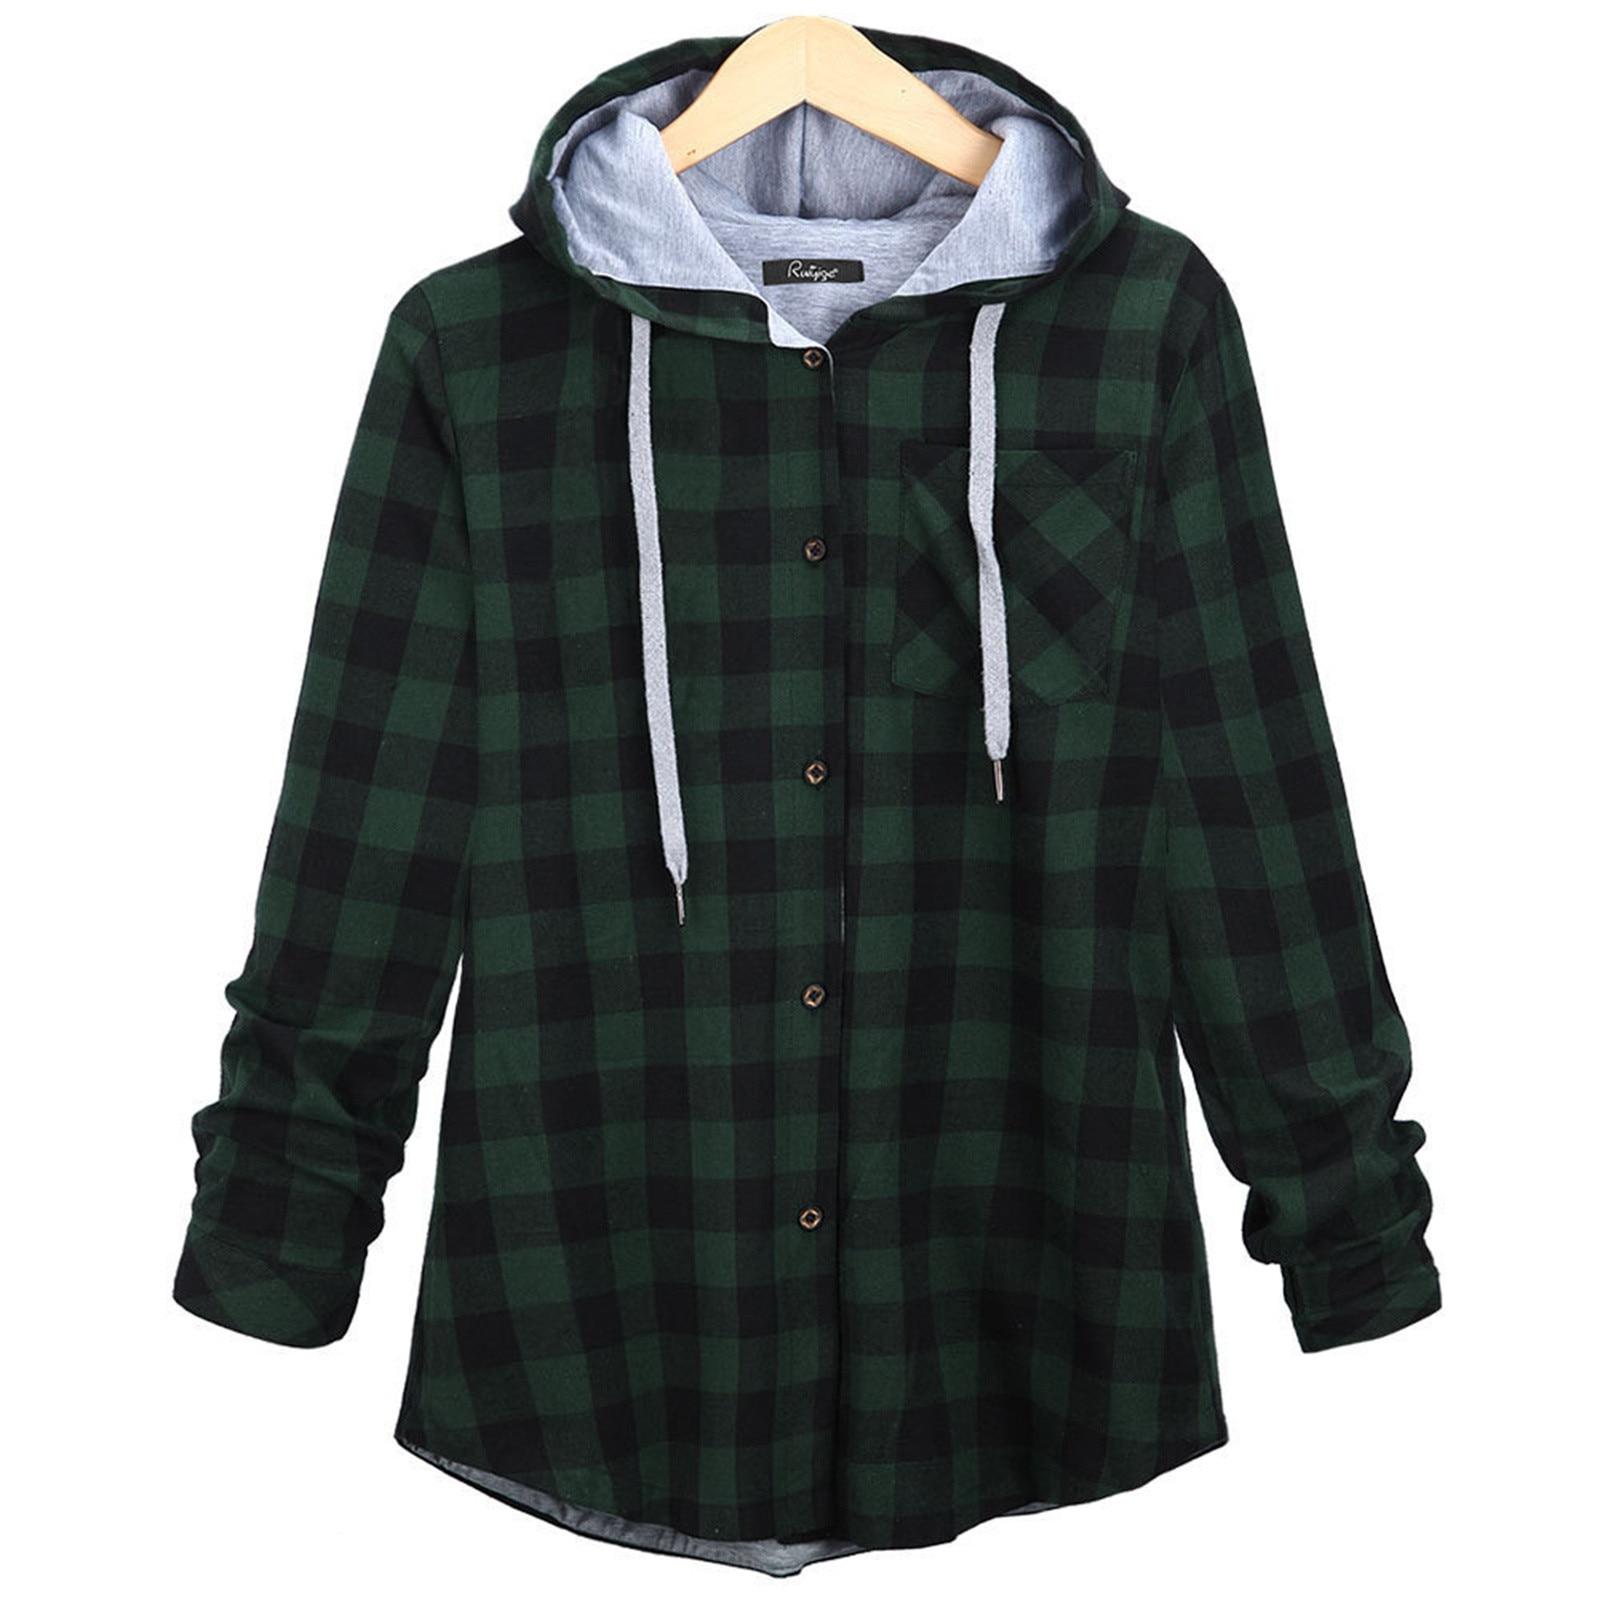 Осень 2021, Женское пальто в клетку, Женские клетчатые бандажные куртки с длинным рукавом, повседневные топы, верхняя одежда, Куртка, Женская